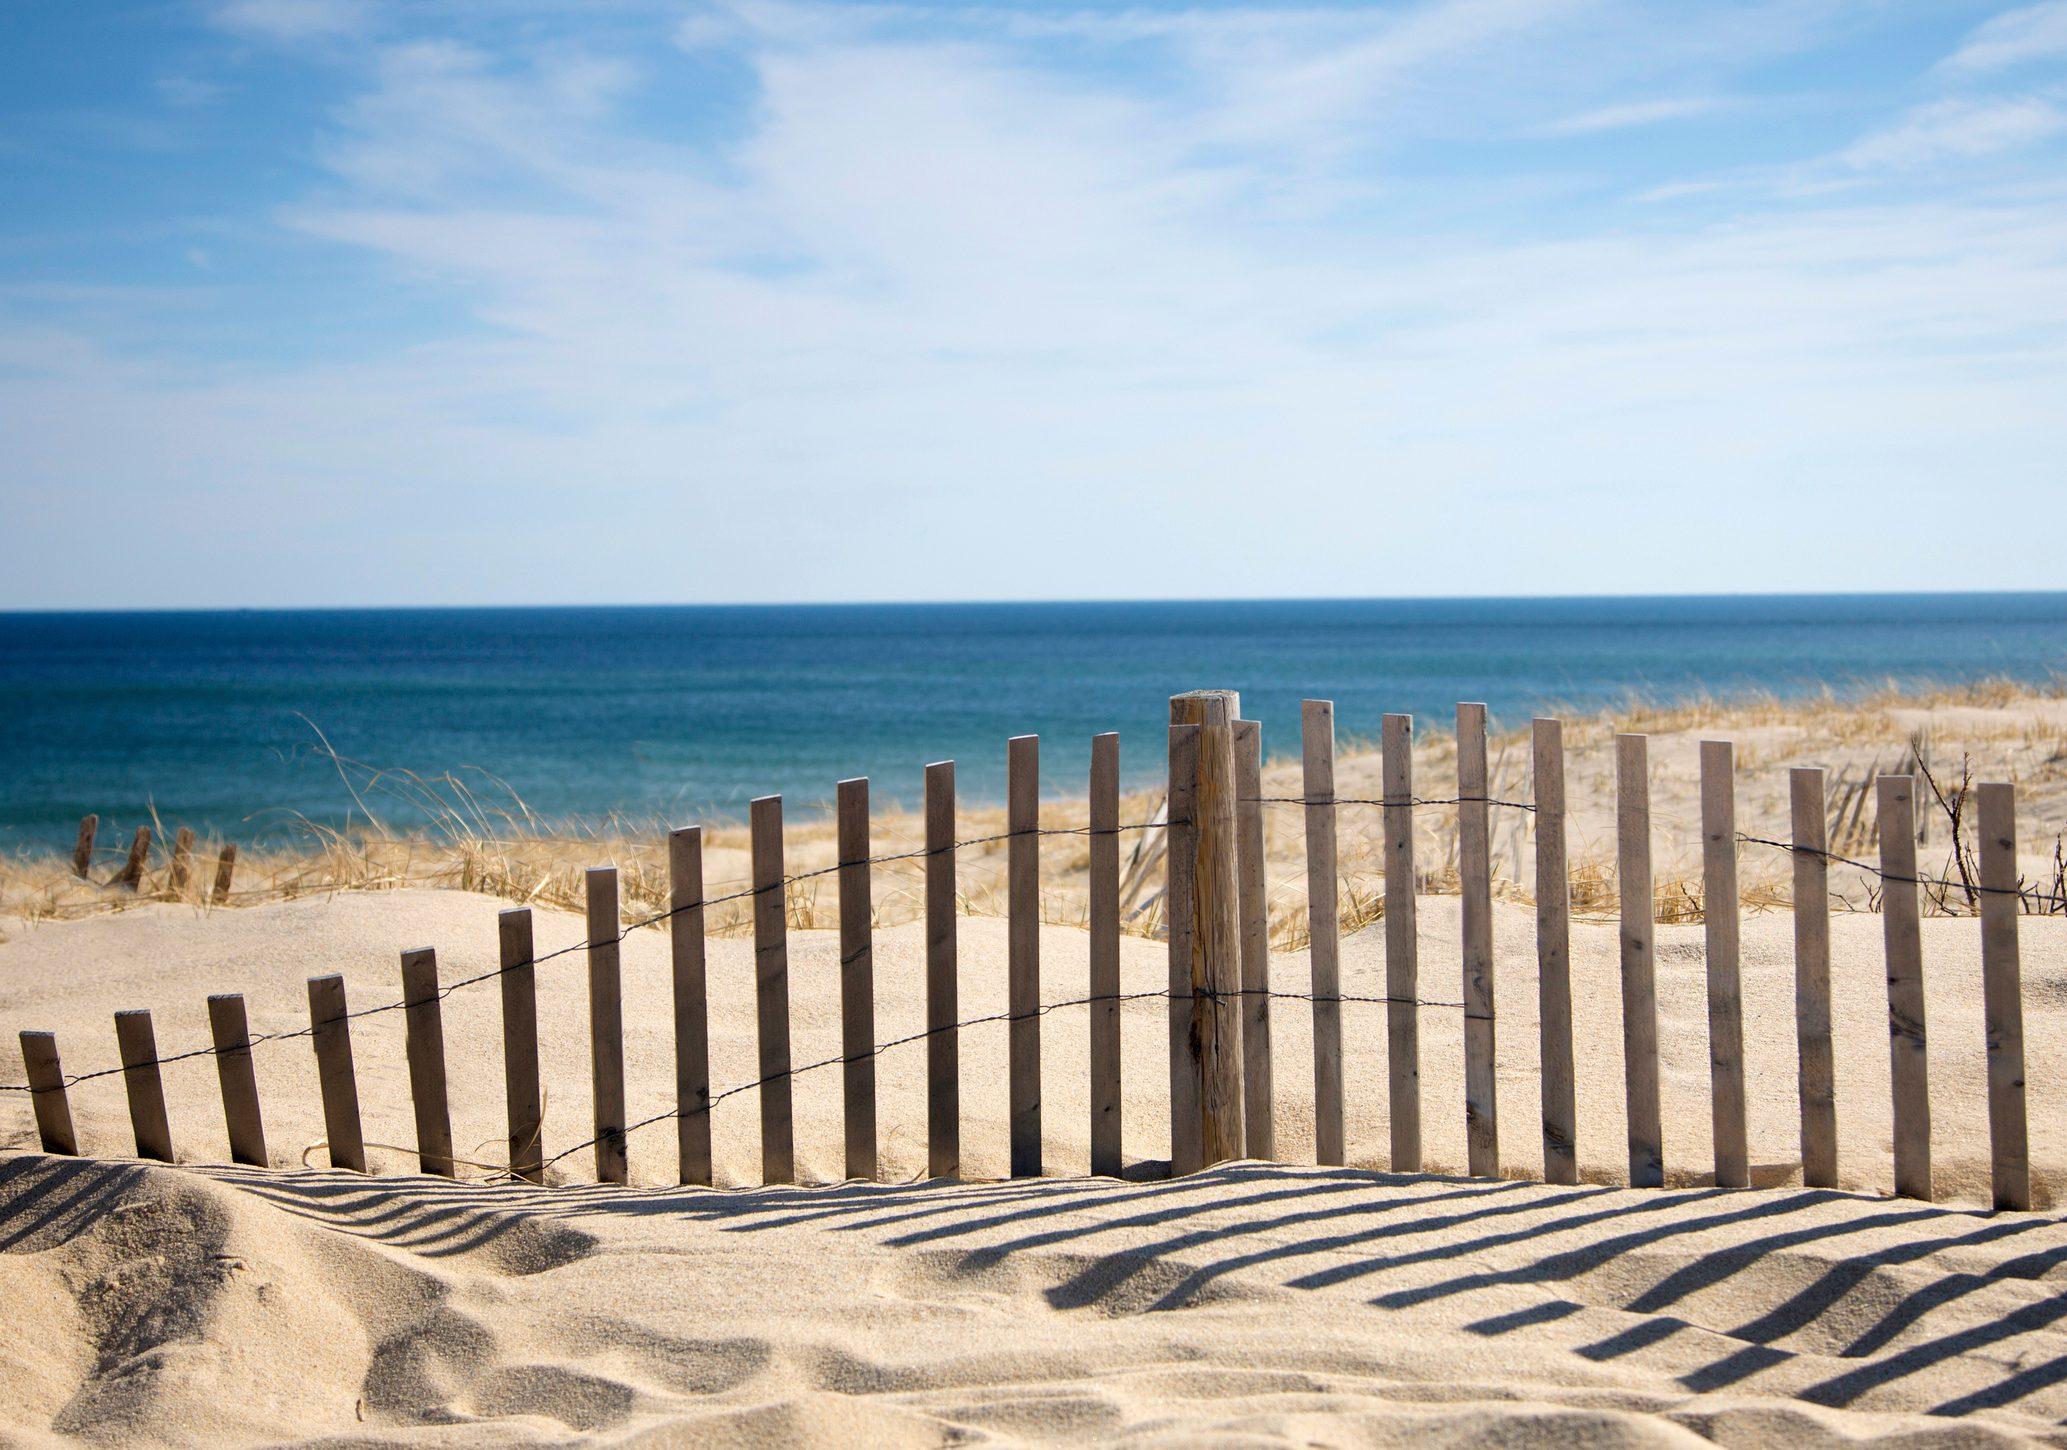 Sand fence at beach.